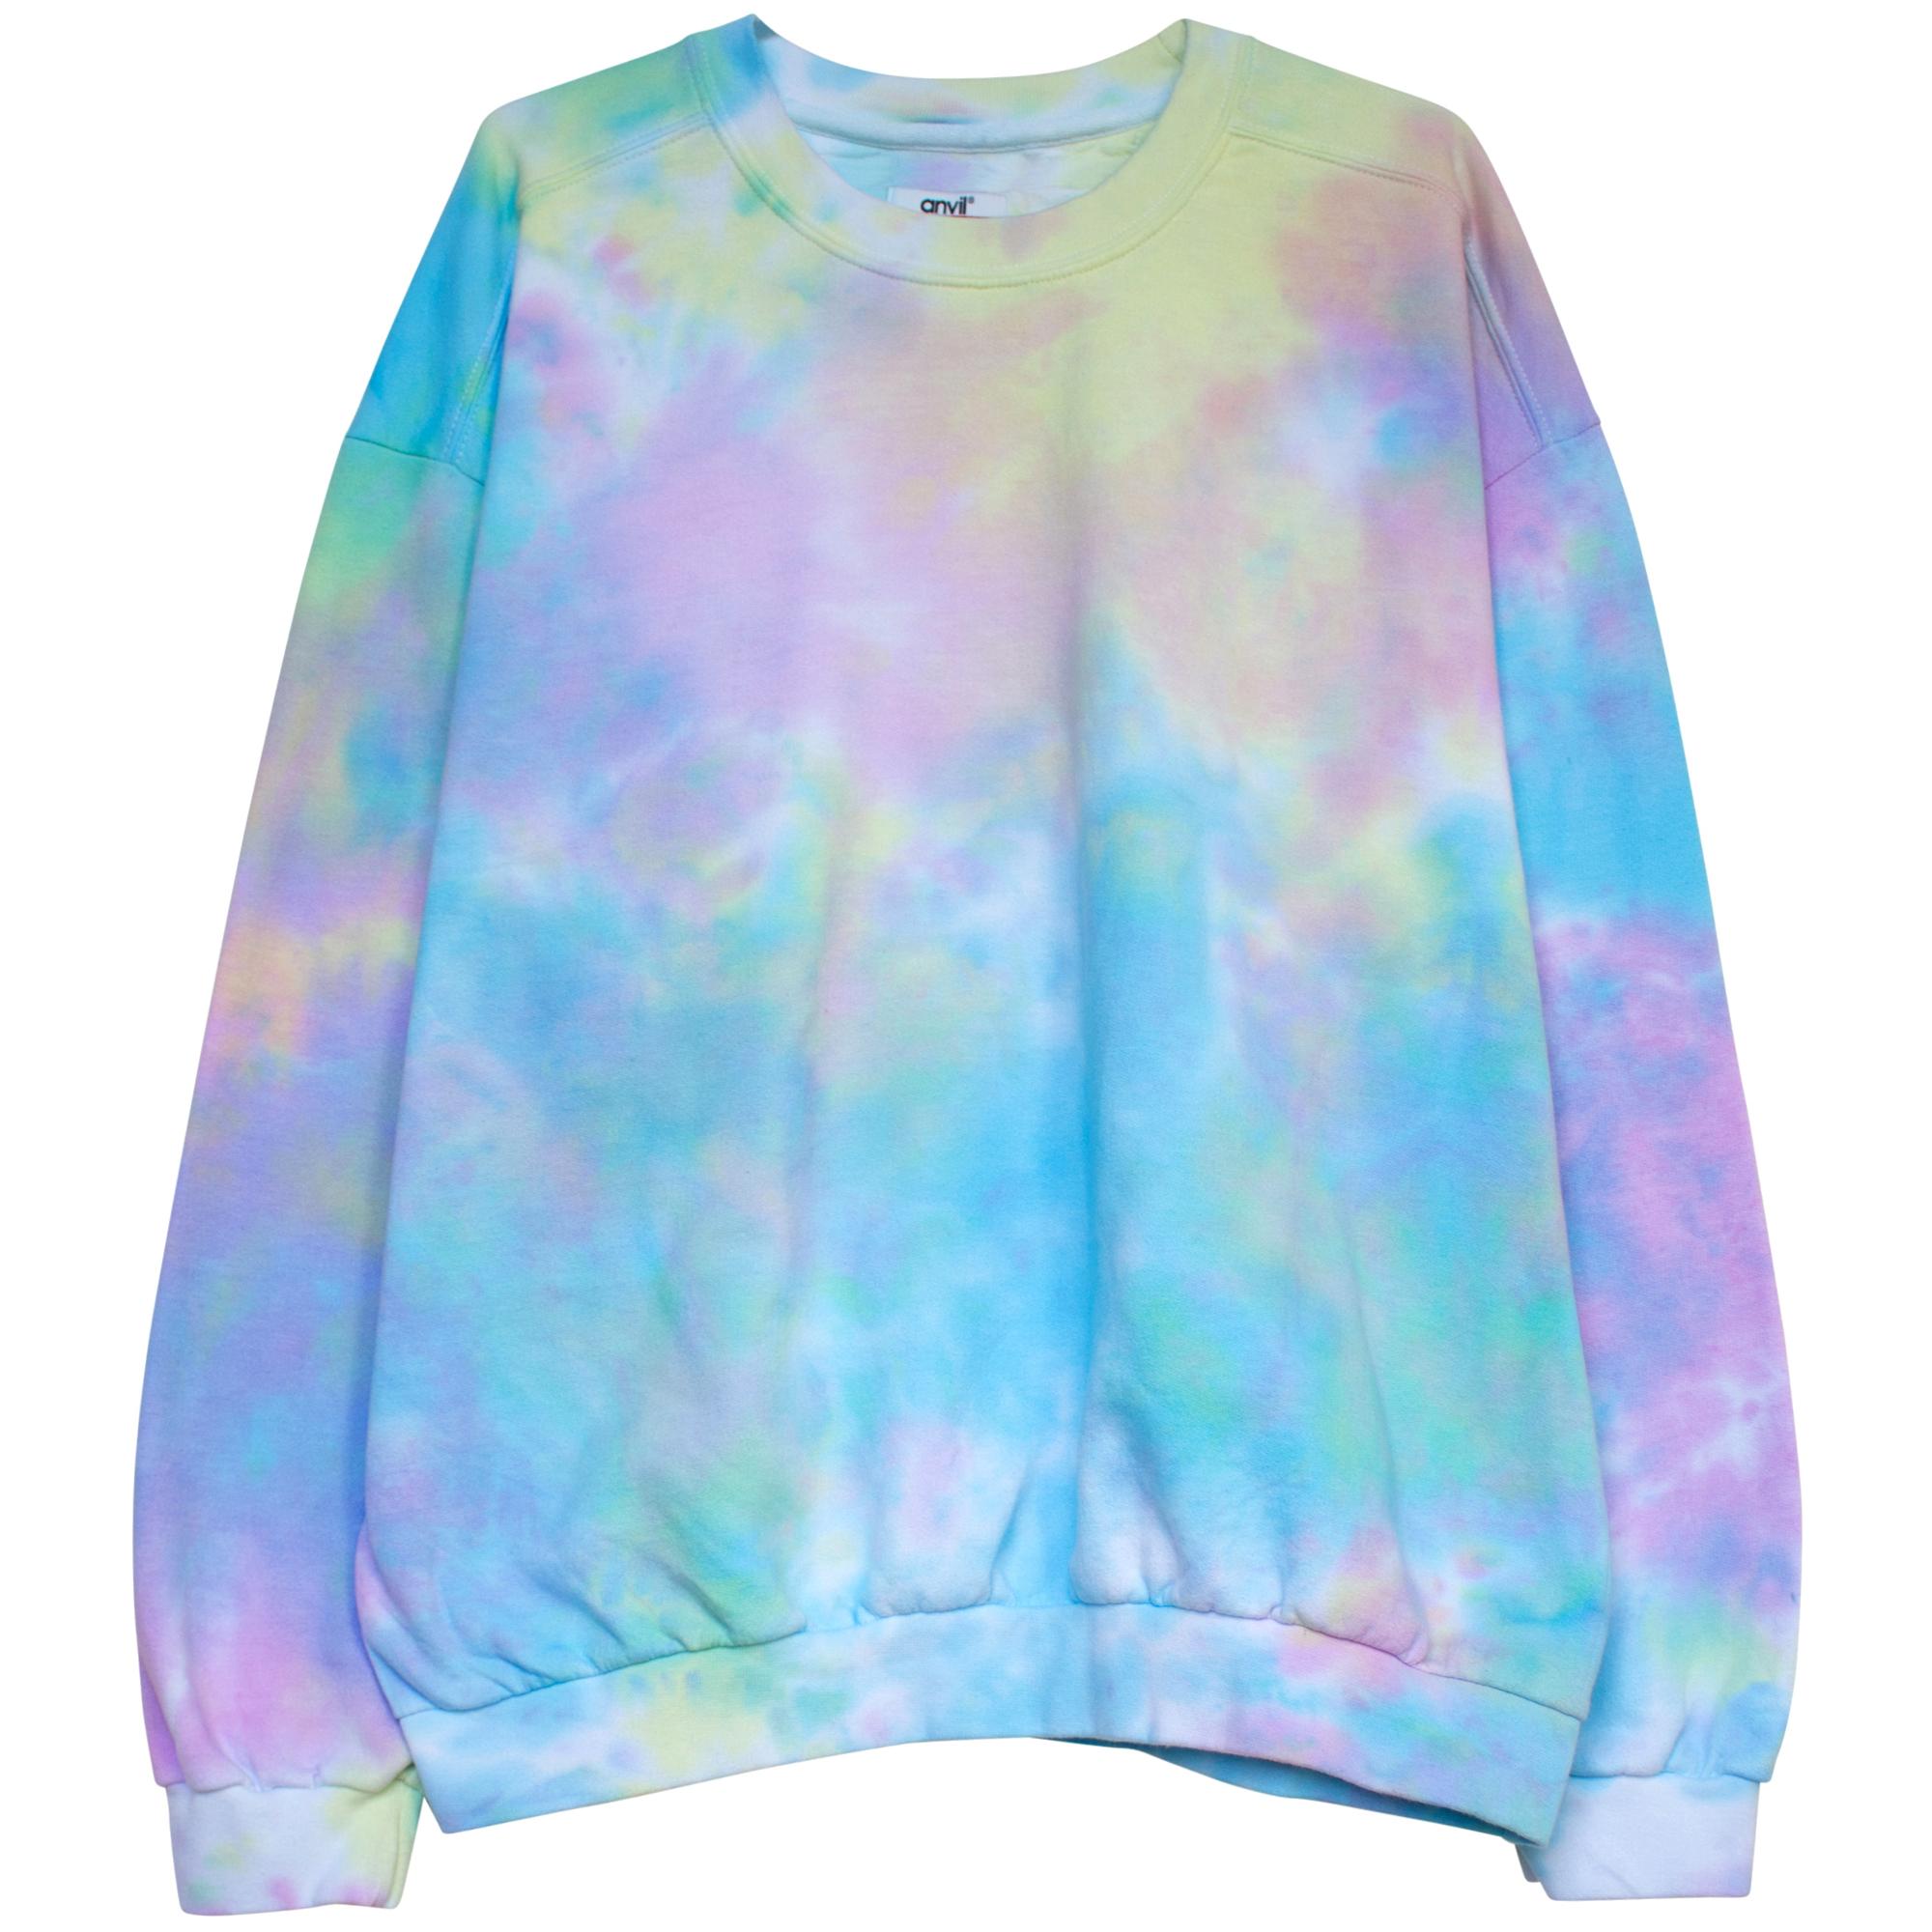 90 S Pastel Goth Tie Dye Sweatshirt In 2021 Tie Dye Sweatsuit Tie Dye Sweatshirt Tie Dye Diy [ 2000 x 2000 Pixel ]